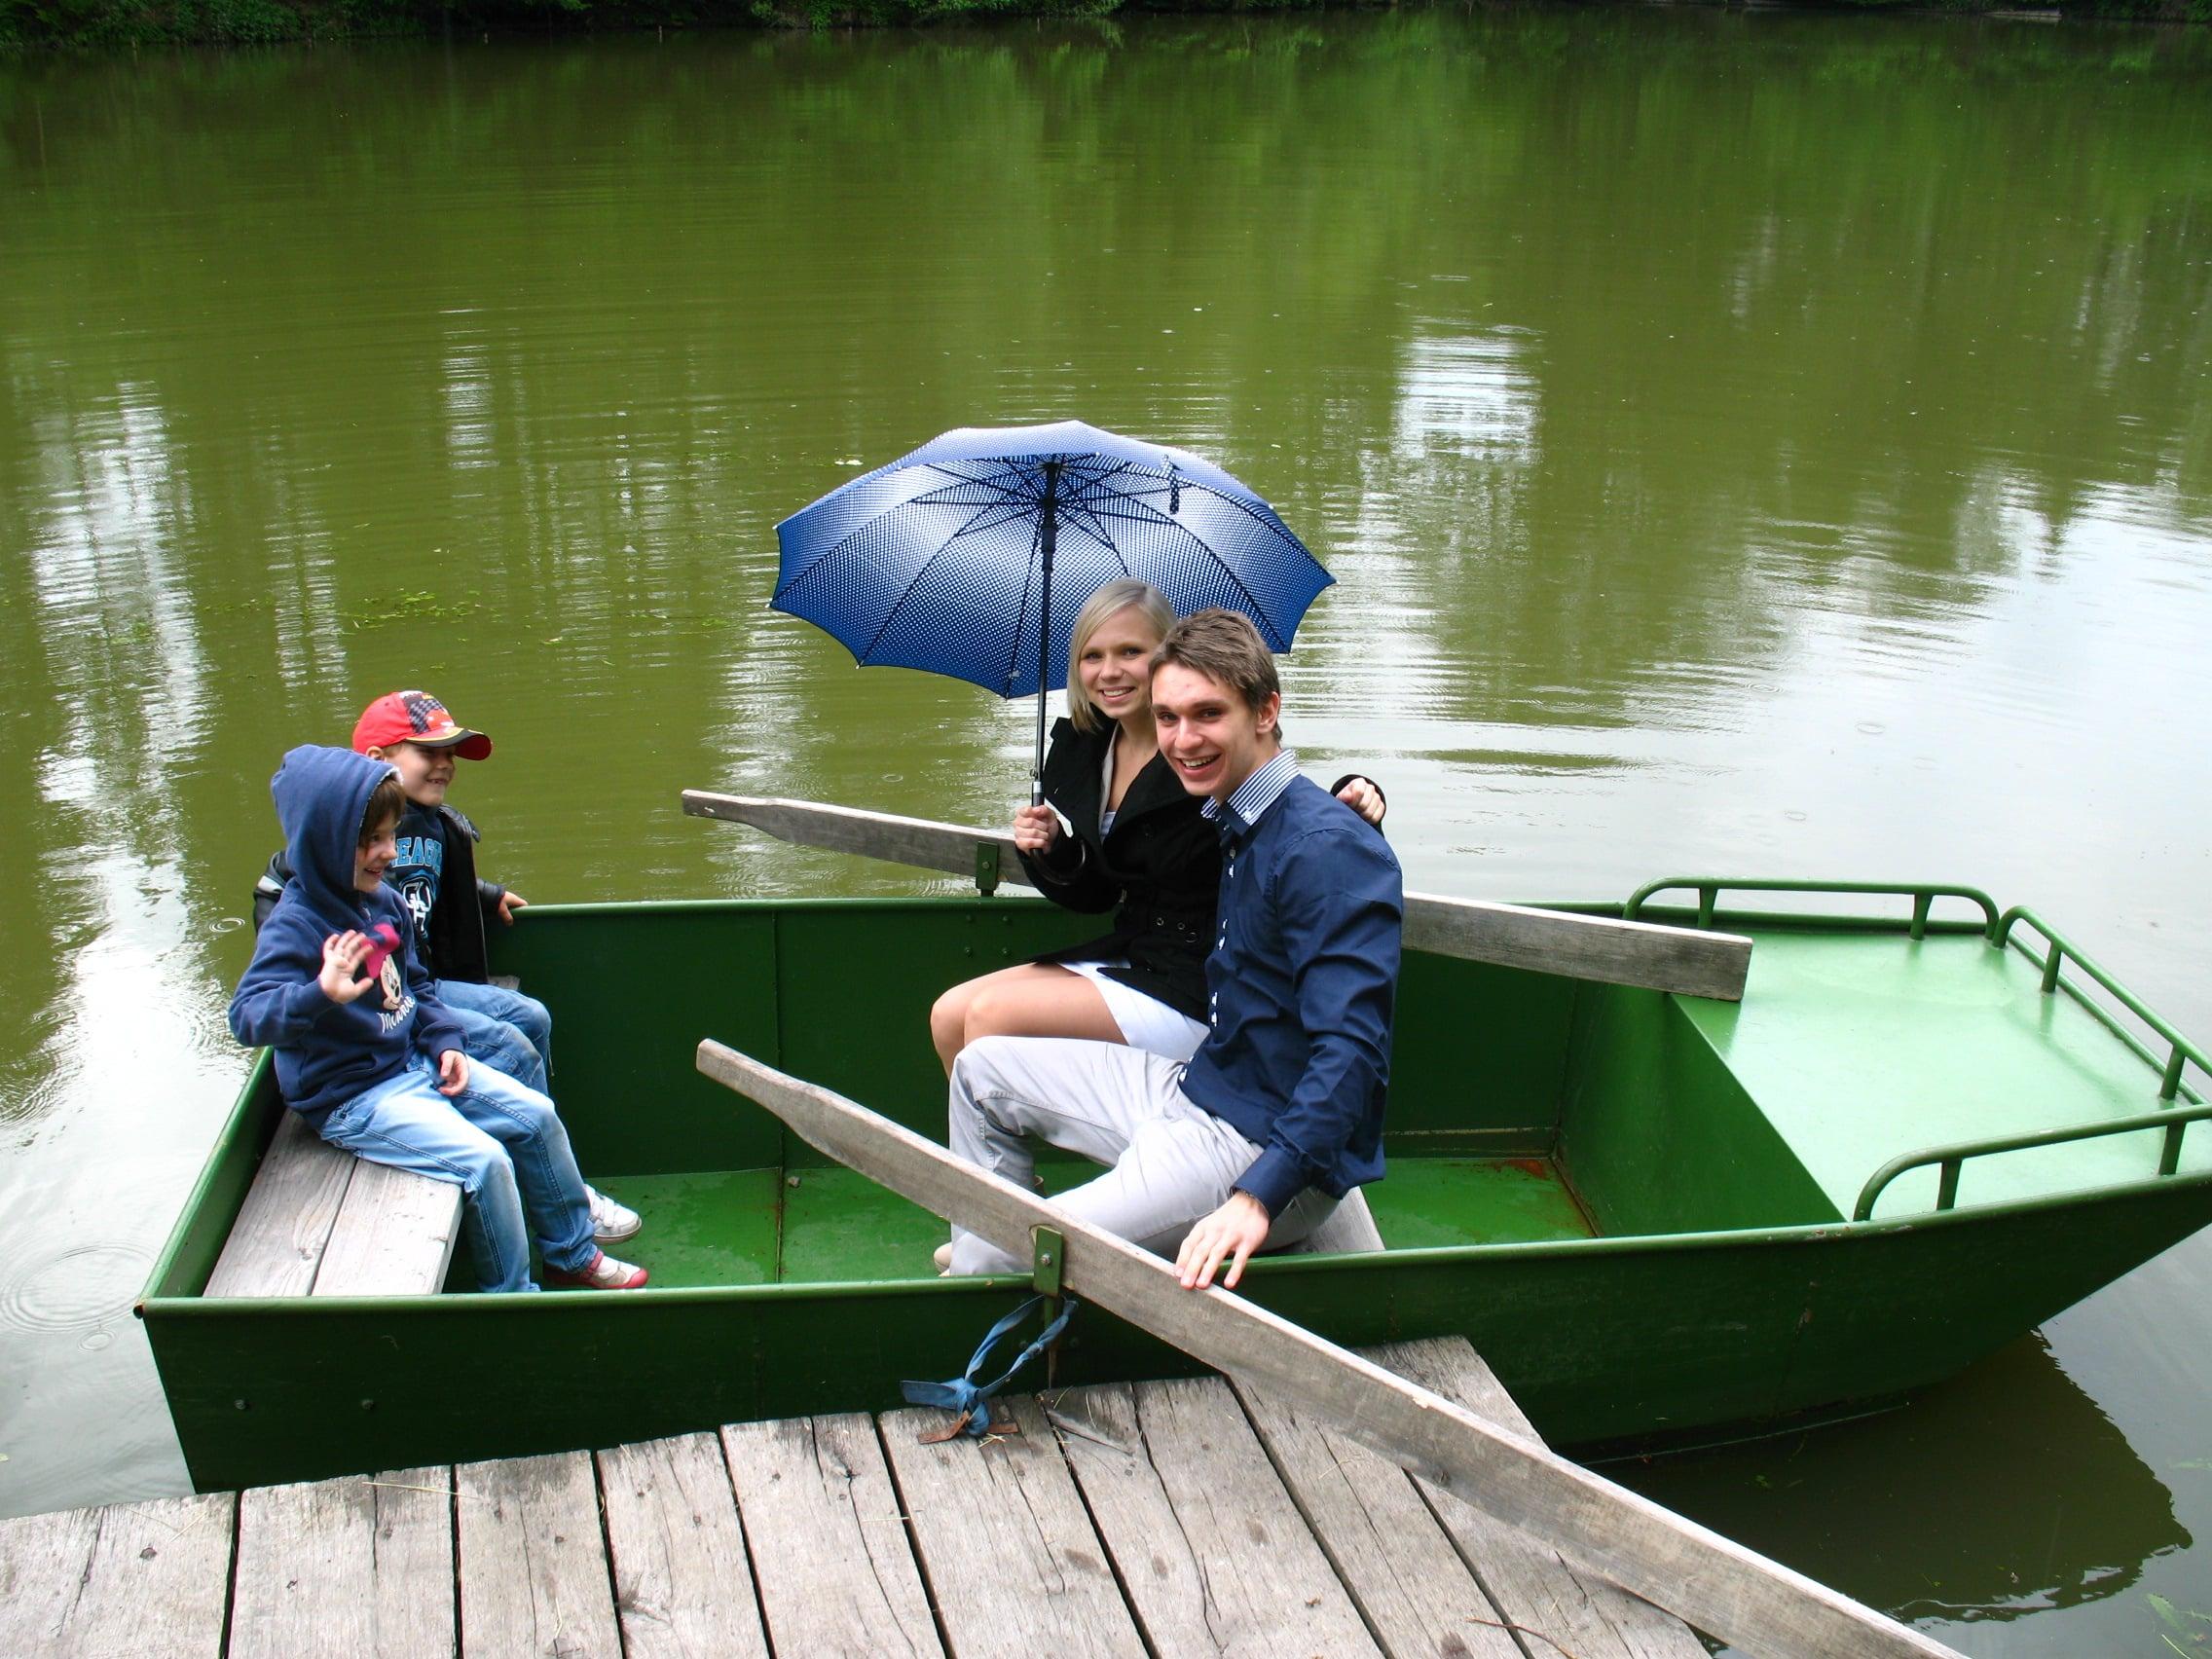 Zažijte romantickou projížďku na loďce